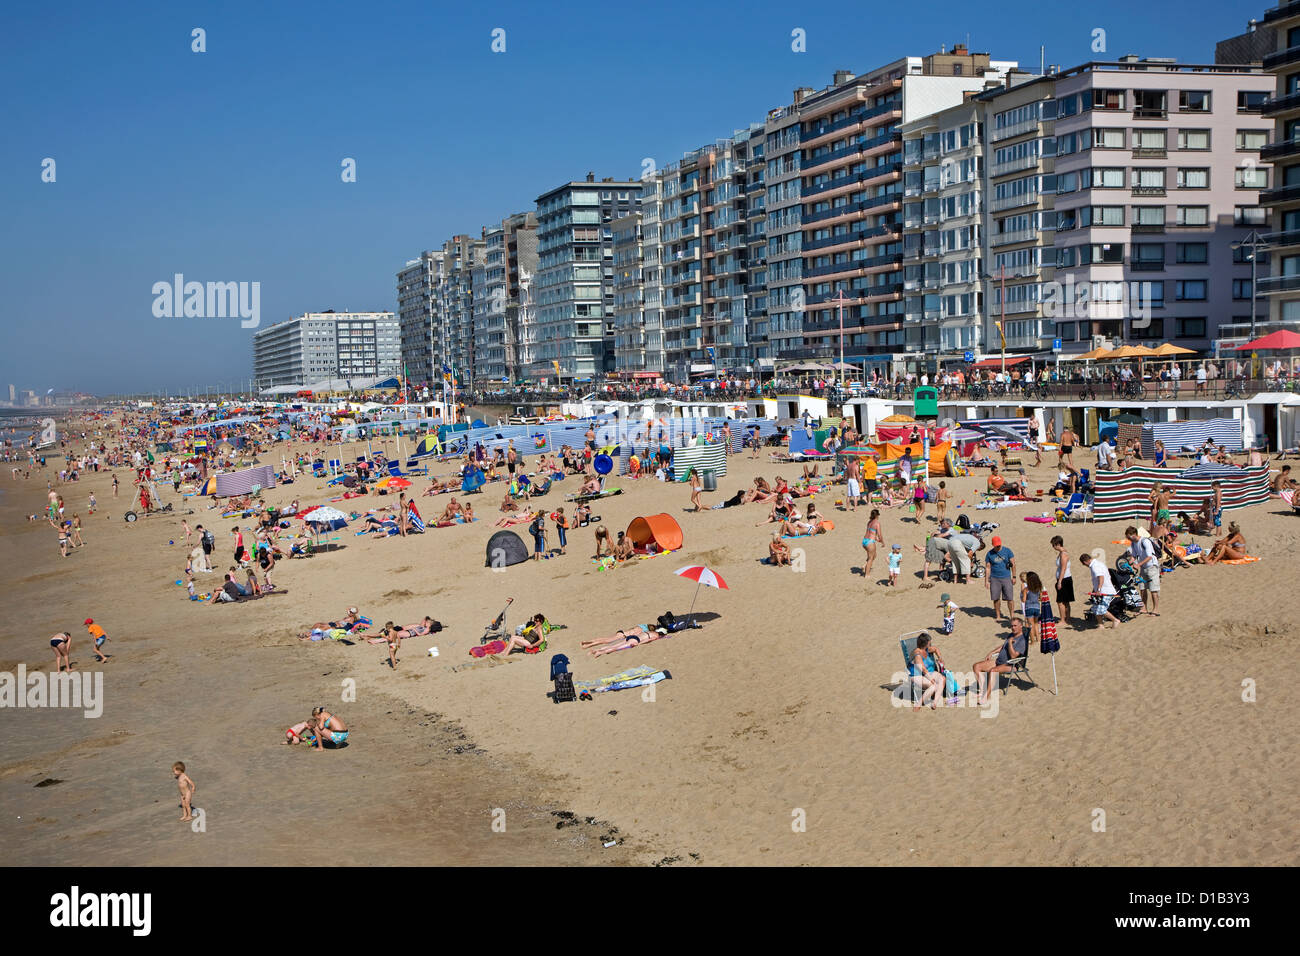 Sonnenbaden im Sommer Sonnen hinter Bildschirmen und Windschutz am Strand entlang der Nordseeküste im belgischen Badeort, Belgien Stockfoto